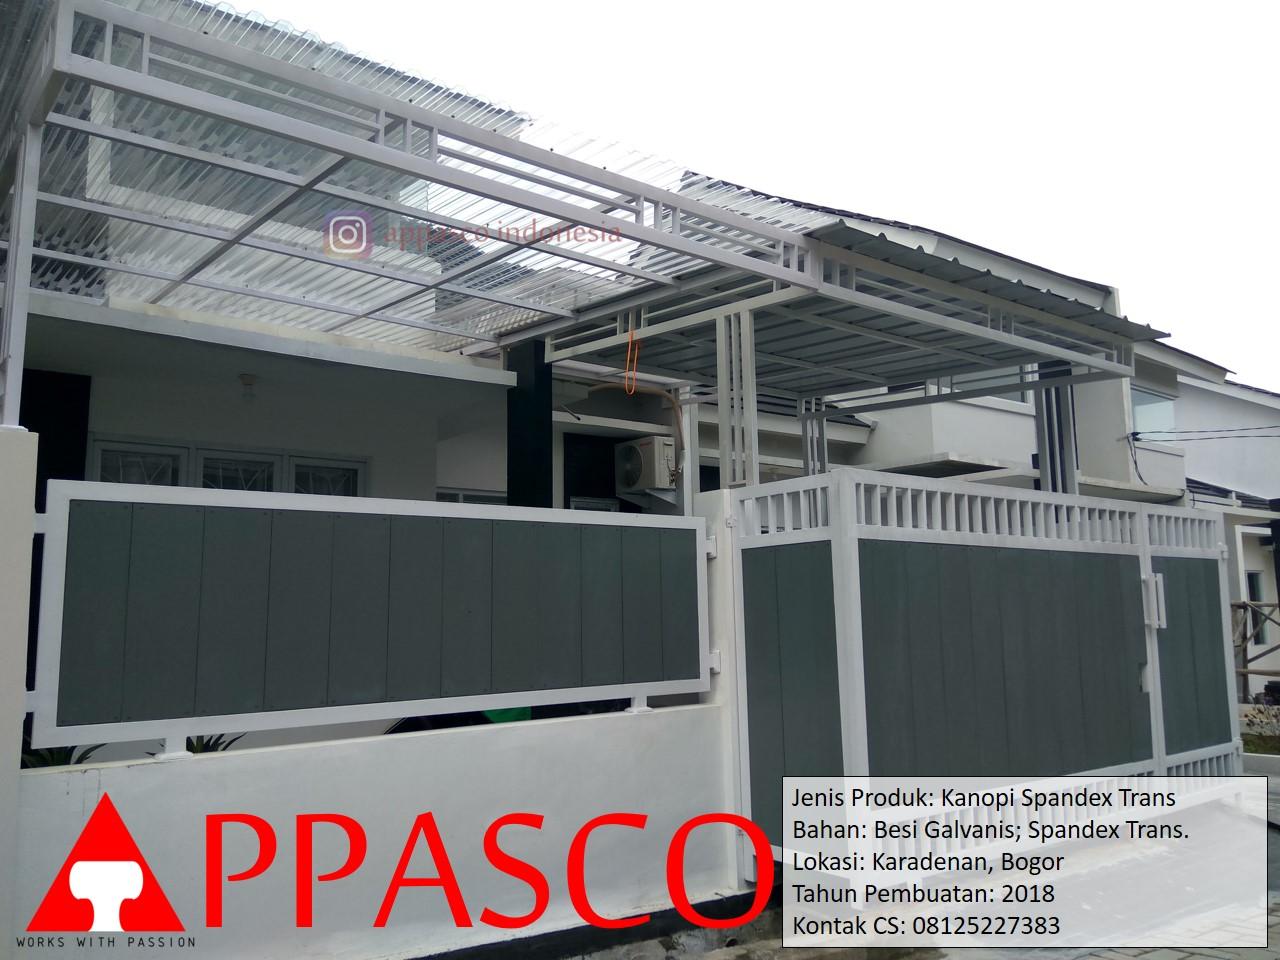 Kanopi Bening Atap Spandek Transparan Besi Galvanis di Karadenan Bogor